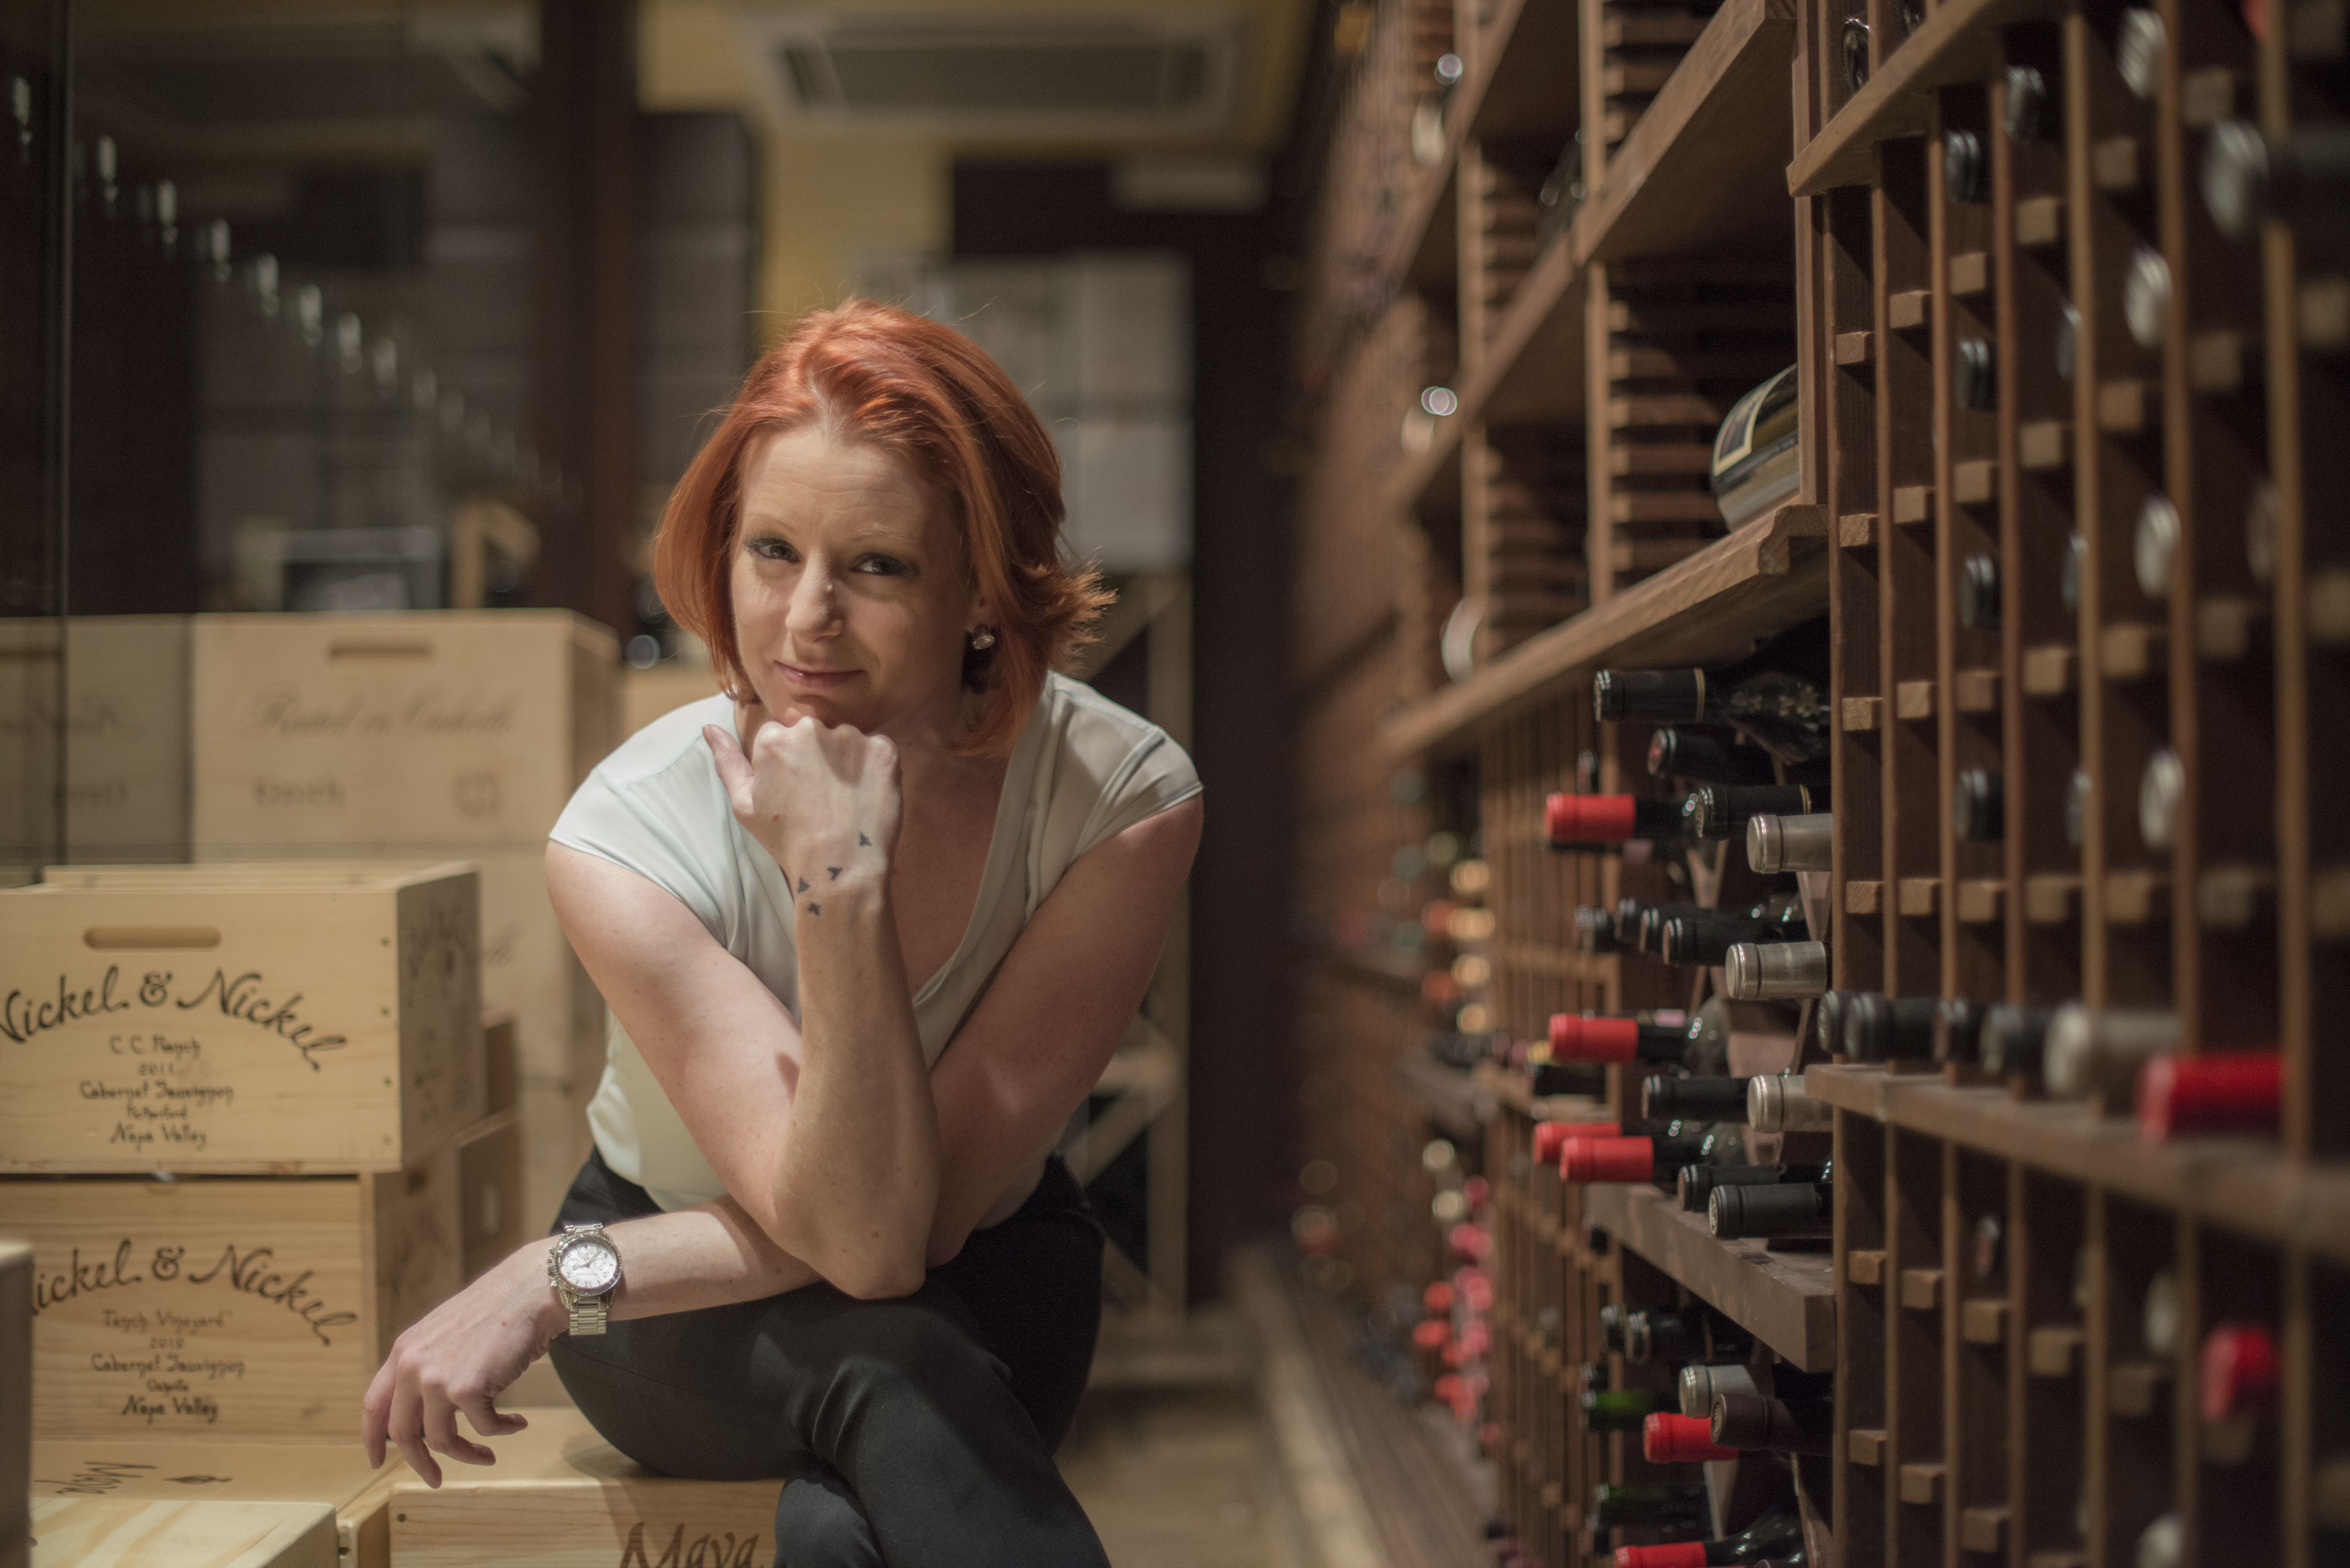 Jessica Certo, wine director at Del Frisco's Double Eagle Steakhouse in Manhattan